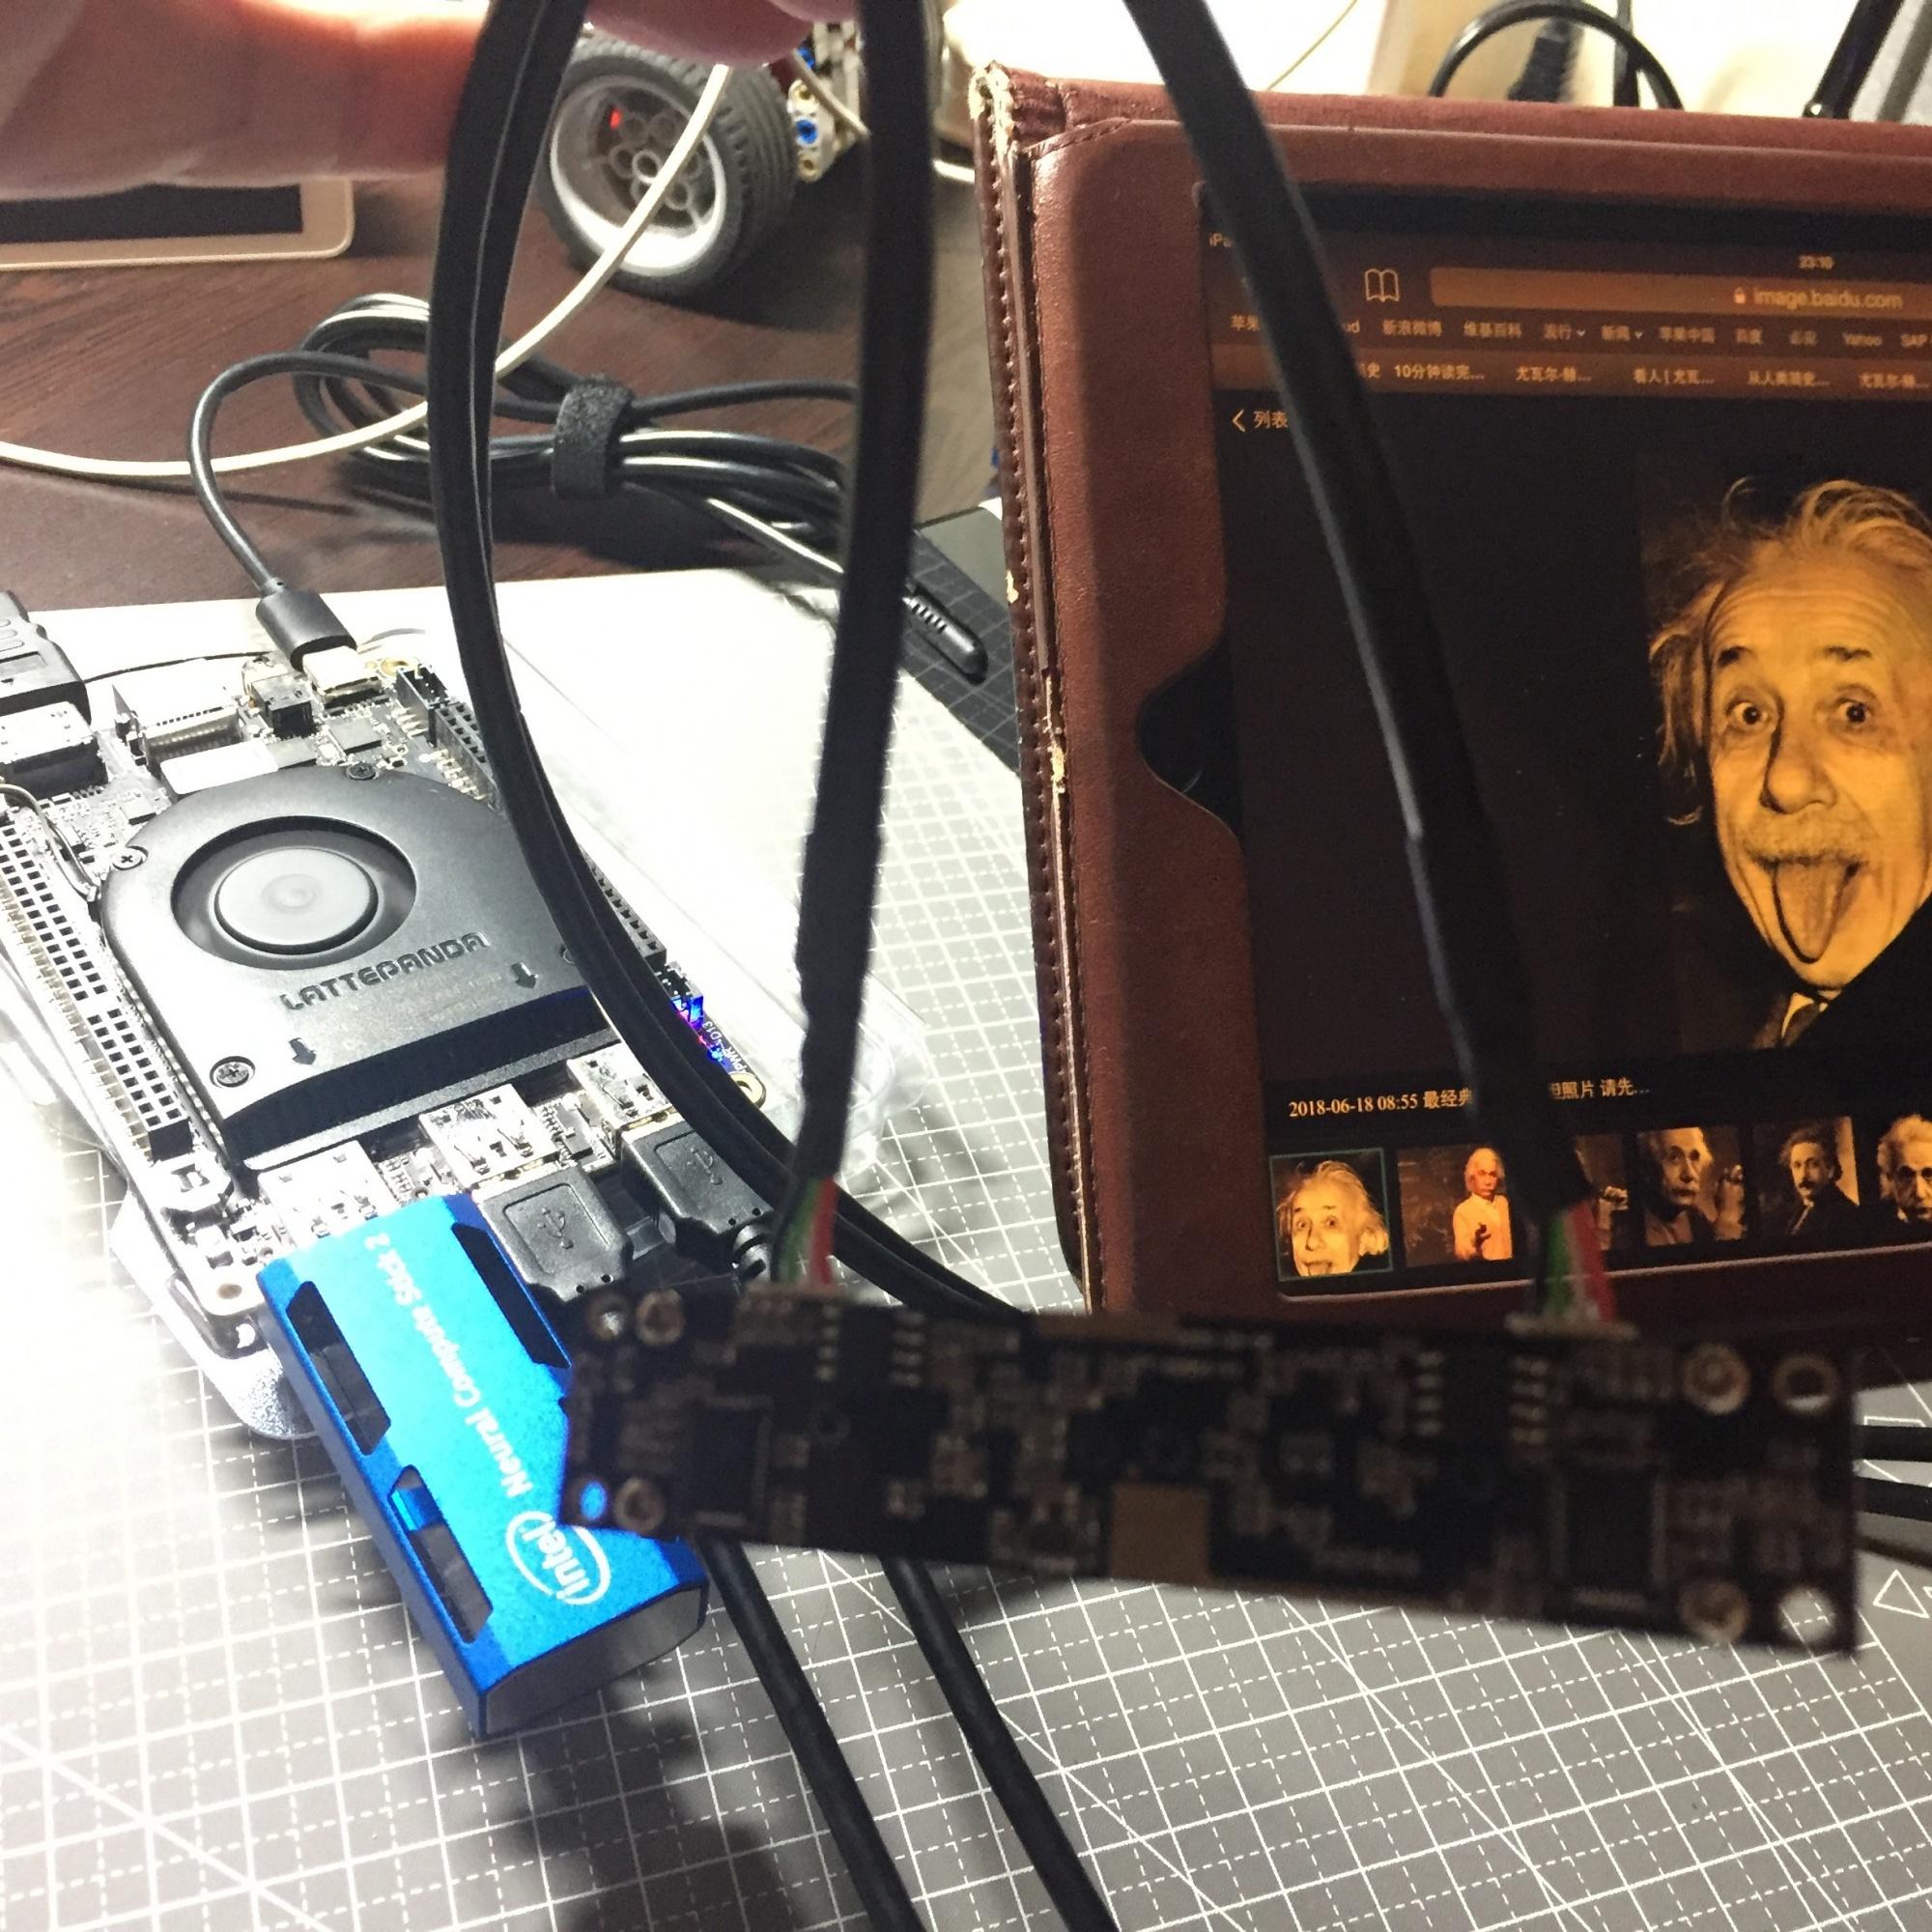 【大联大友尚安森美半导体感光芯片USB双目摄像头模组试用体验】敏感人群自动追踪系统开发